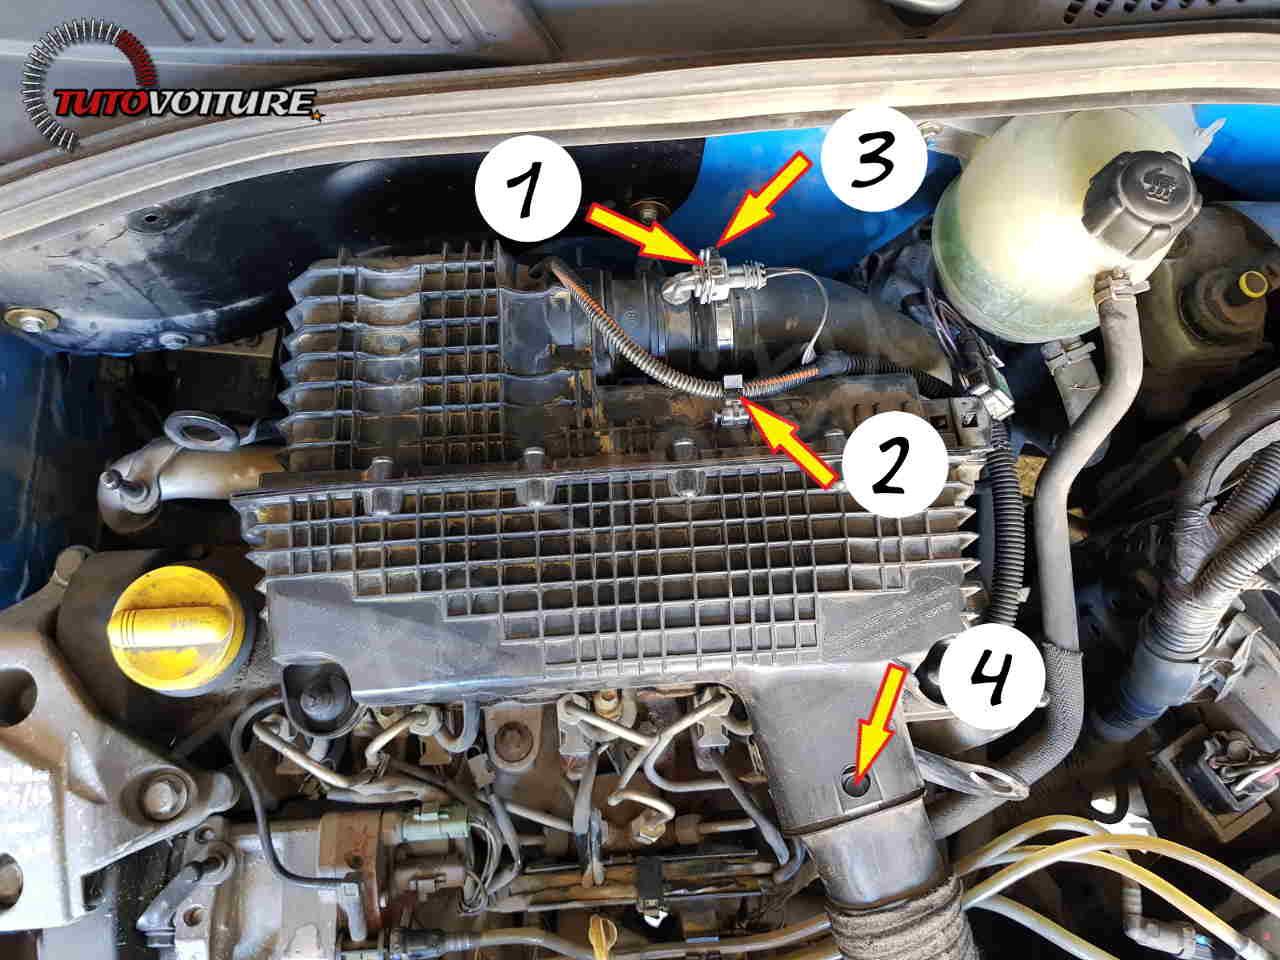 02-boitier-filtre-air-clio-2